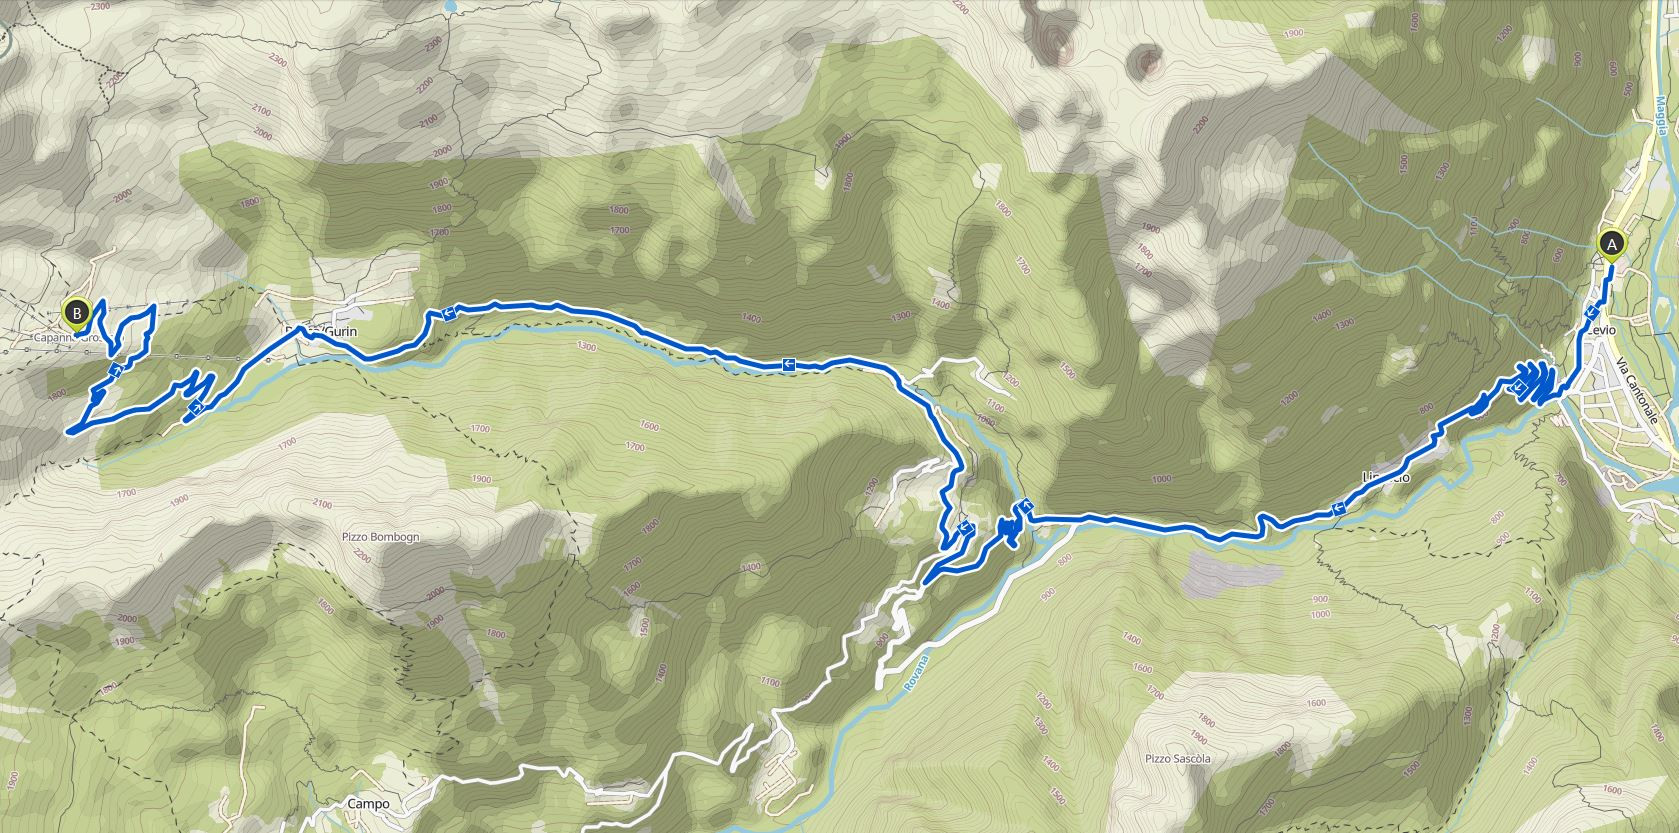 Kartenausschnitt-Bosco-Gurin-Grossalp